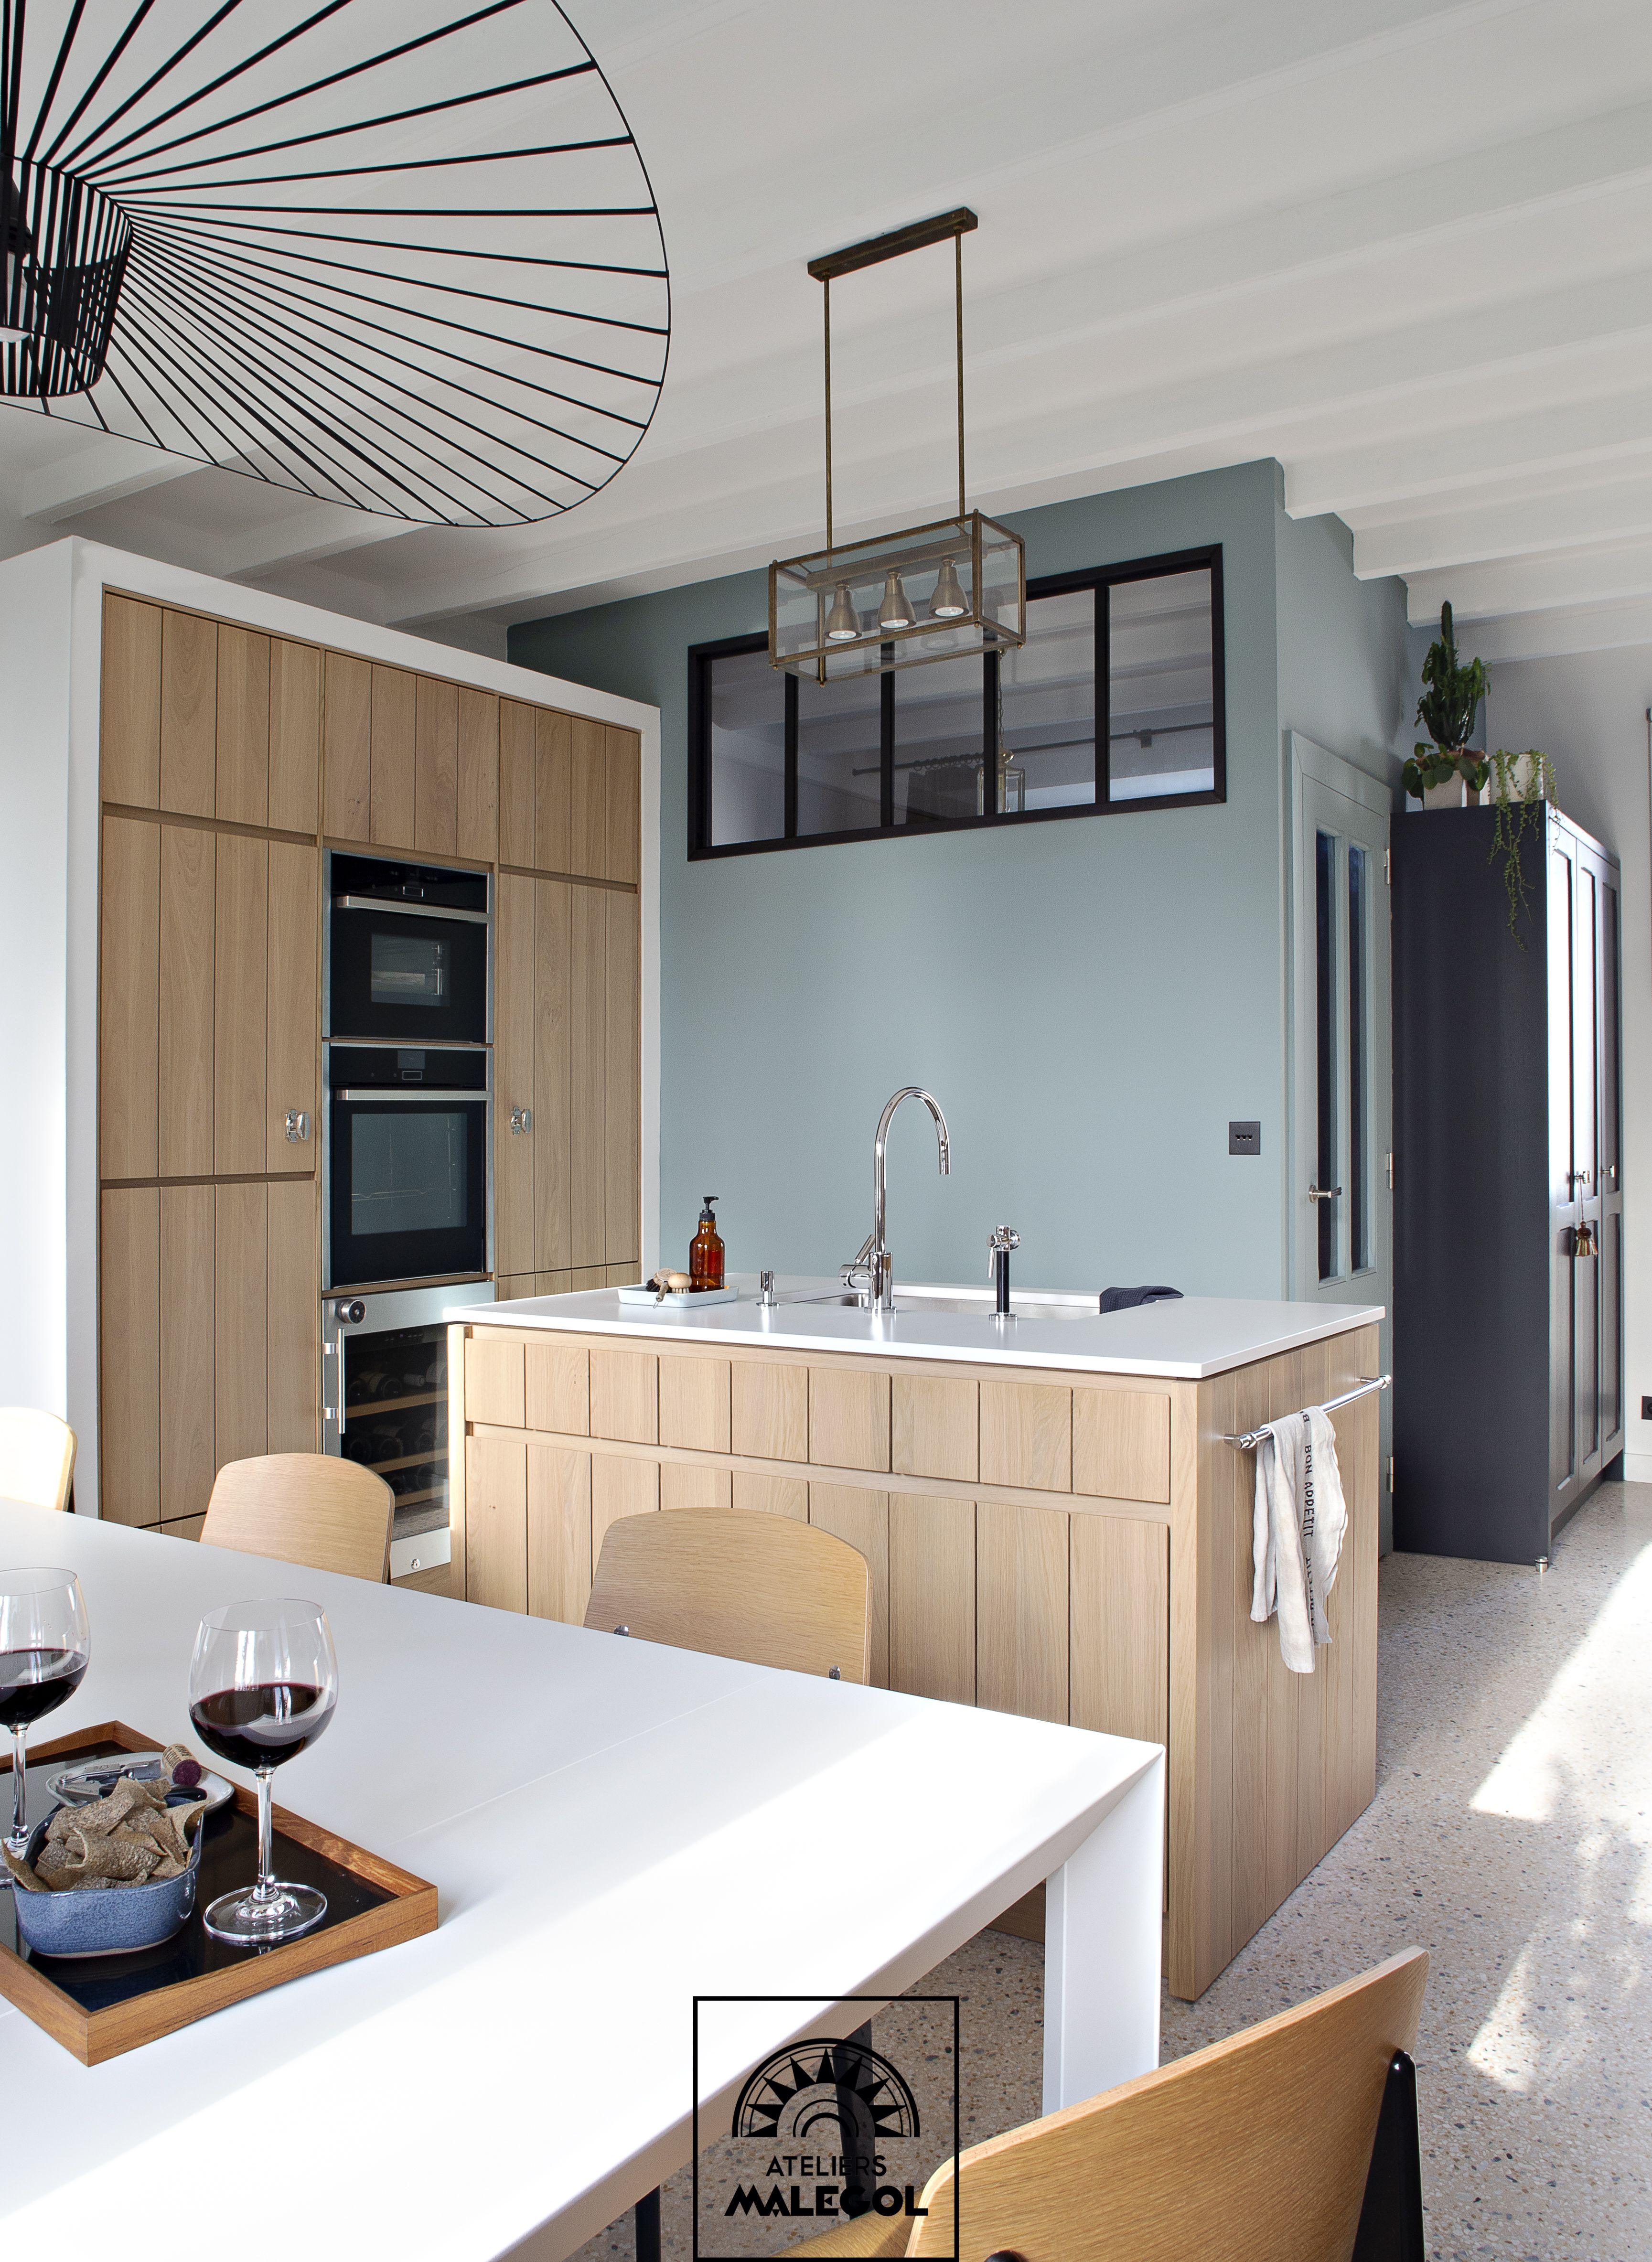 Une Cuisine Moderne Au Style Atelier Contemporain Au Sol En Granito Meubles En Chene Massif Trois Cuisine Moderne Agencement Interieur Cuisine Haut De Gamme